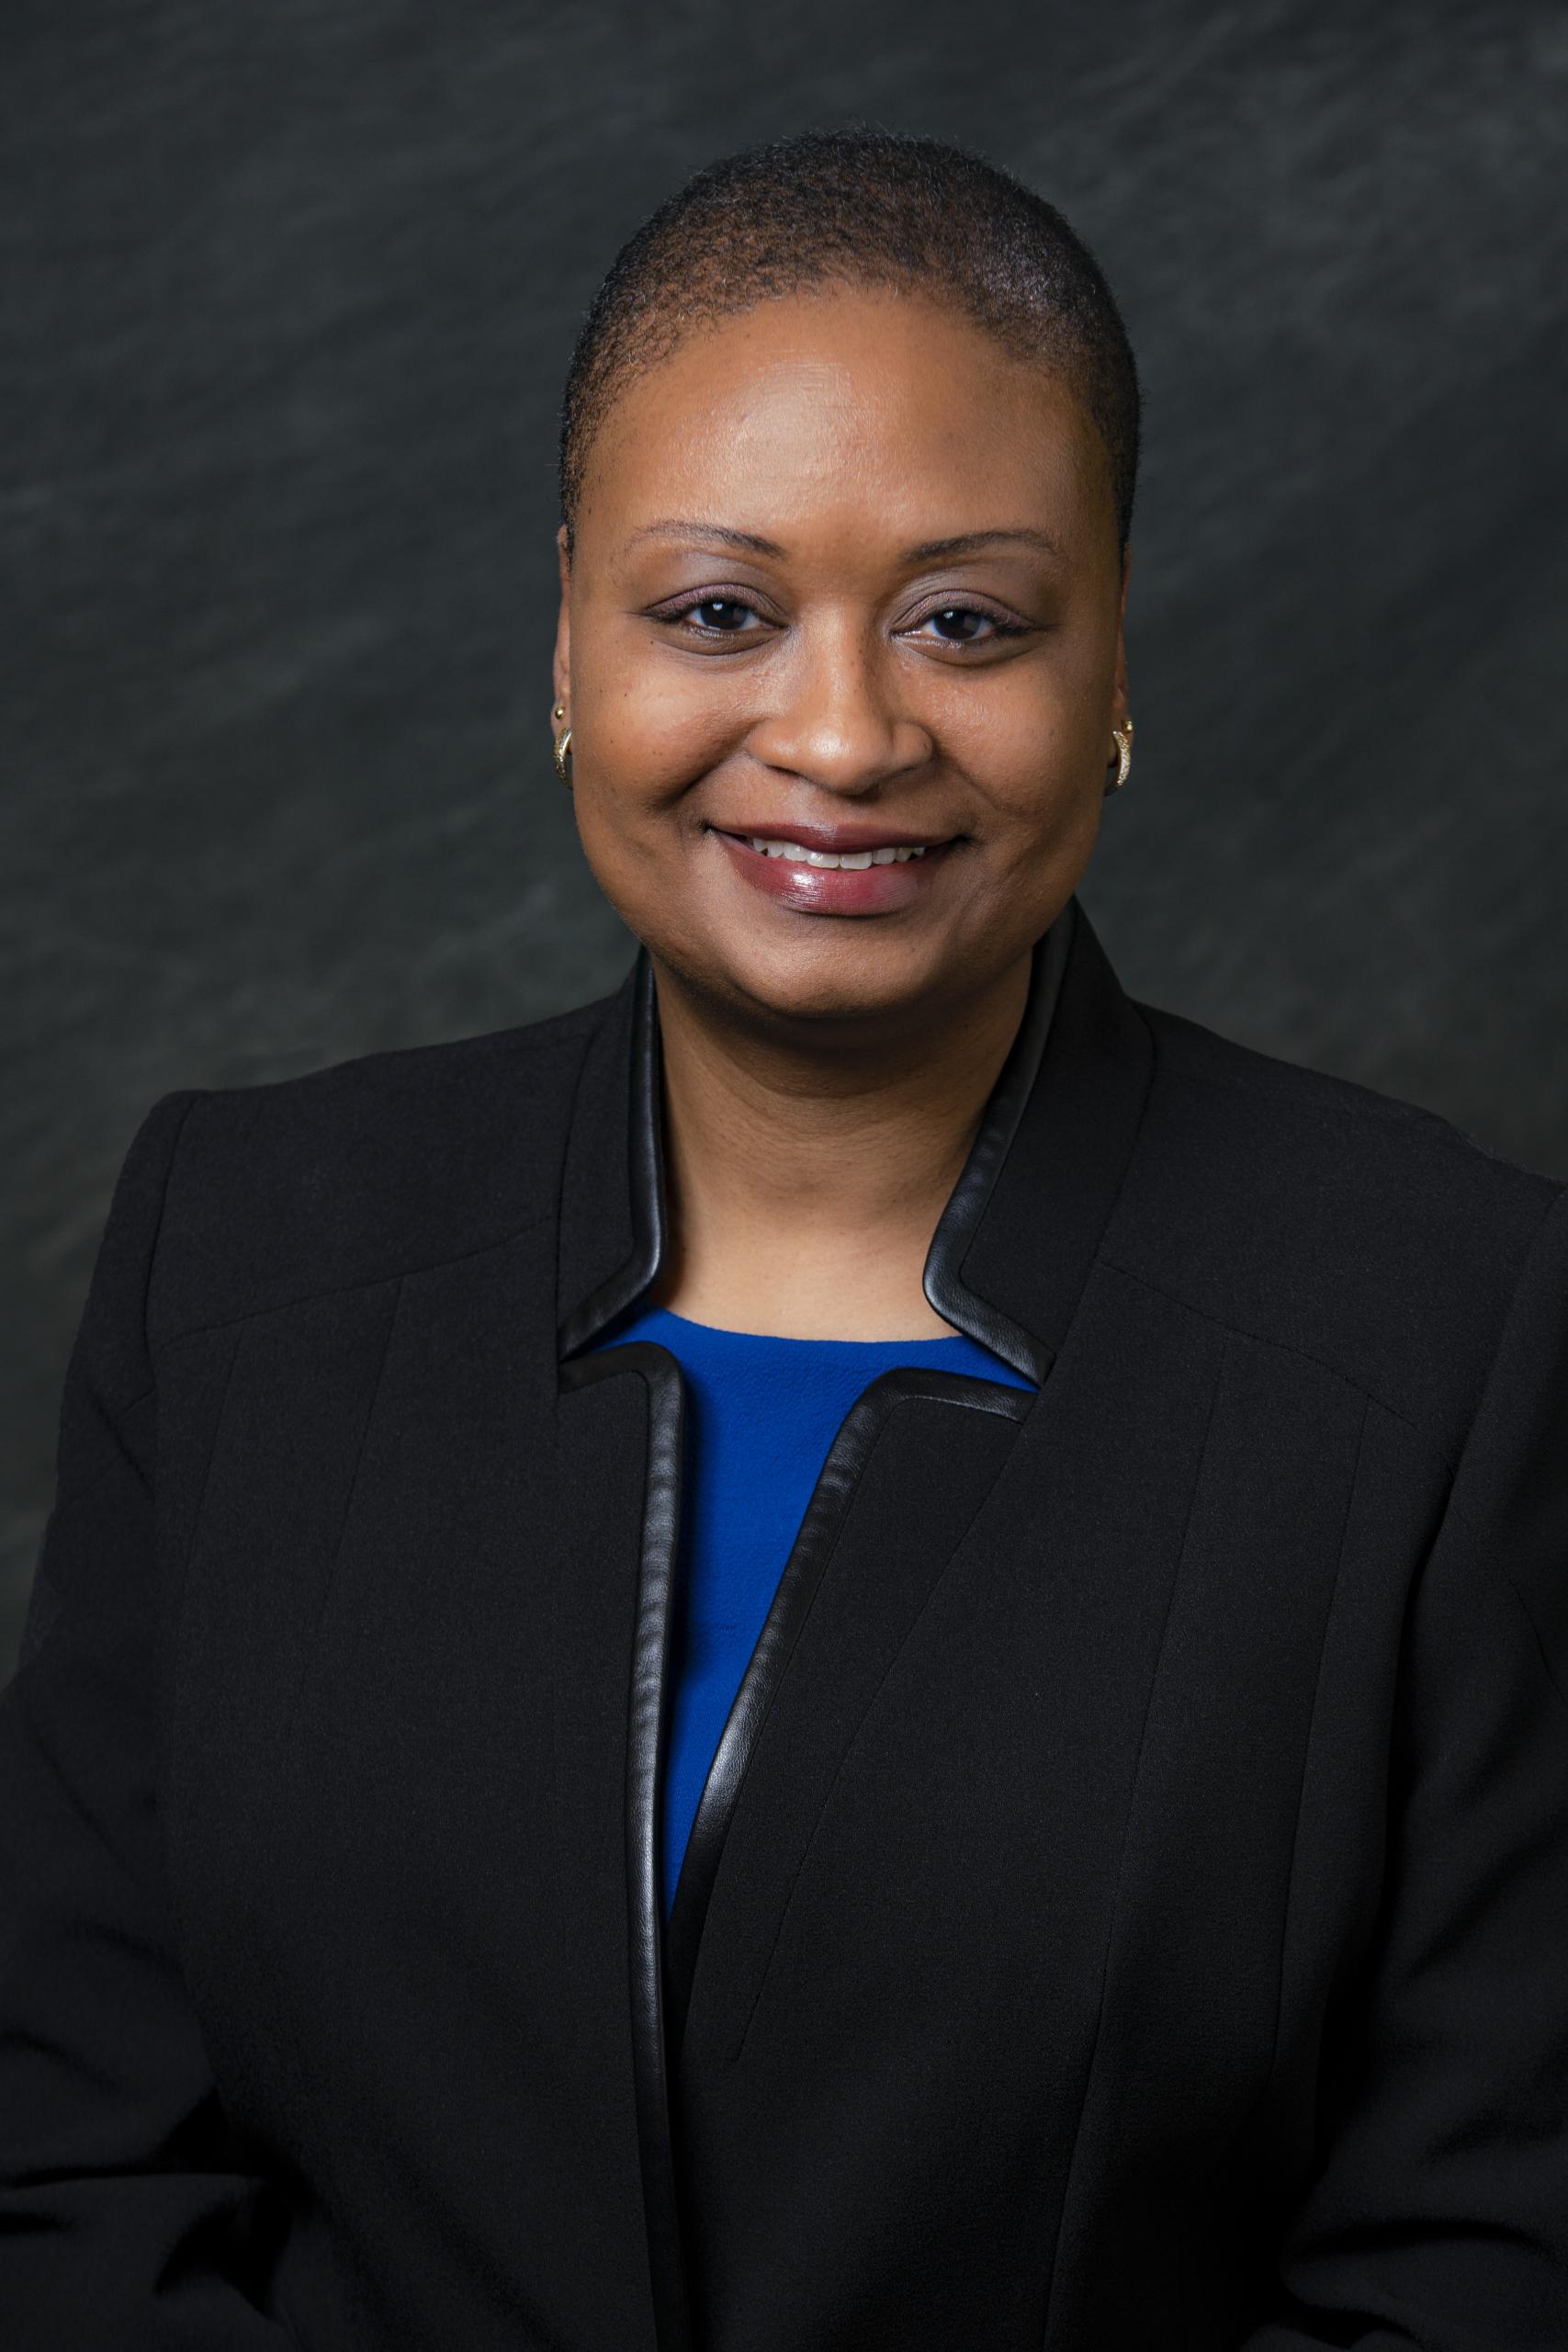 Photo of Angela Mack